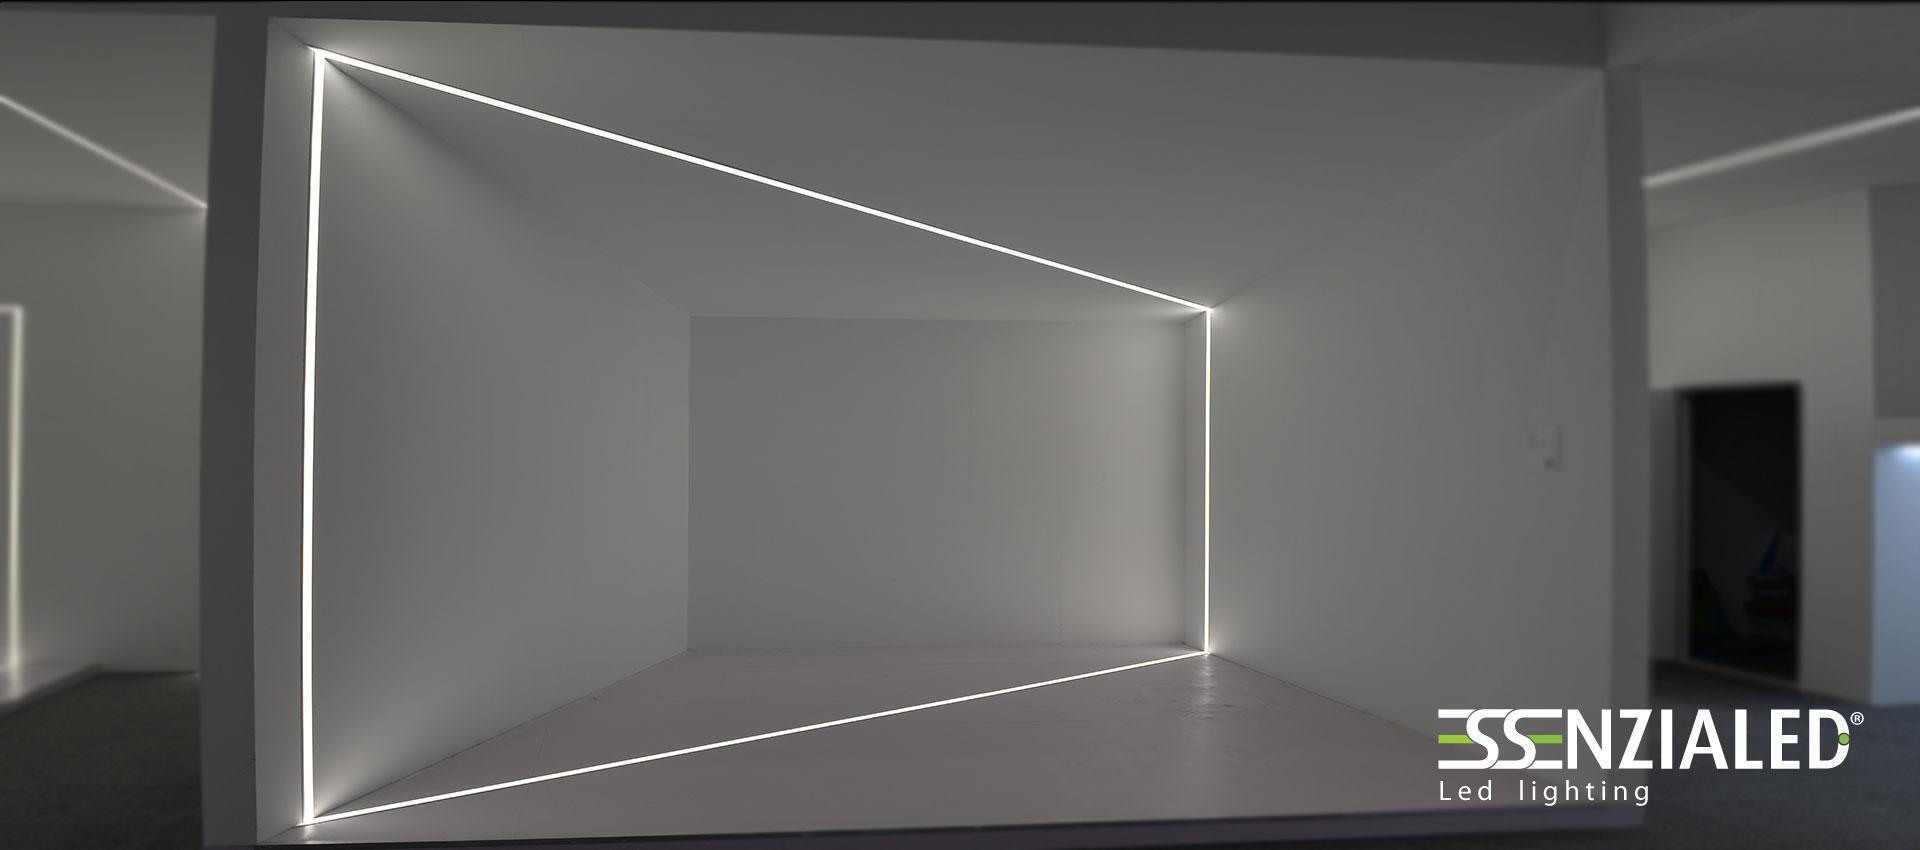 ... Led - Tutto prodotto su misuraEssenzialed – Illuminazione a led